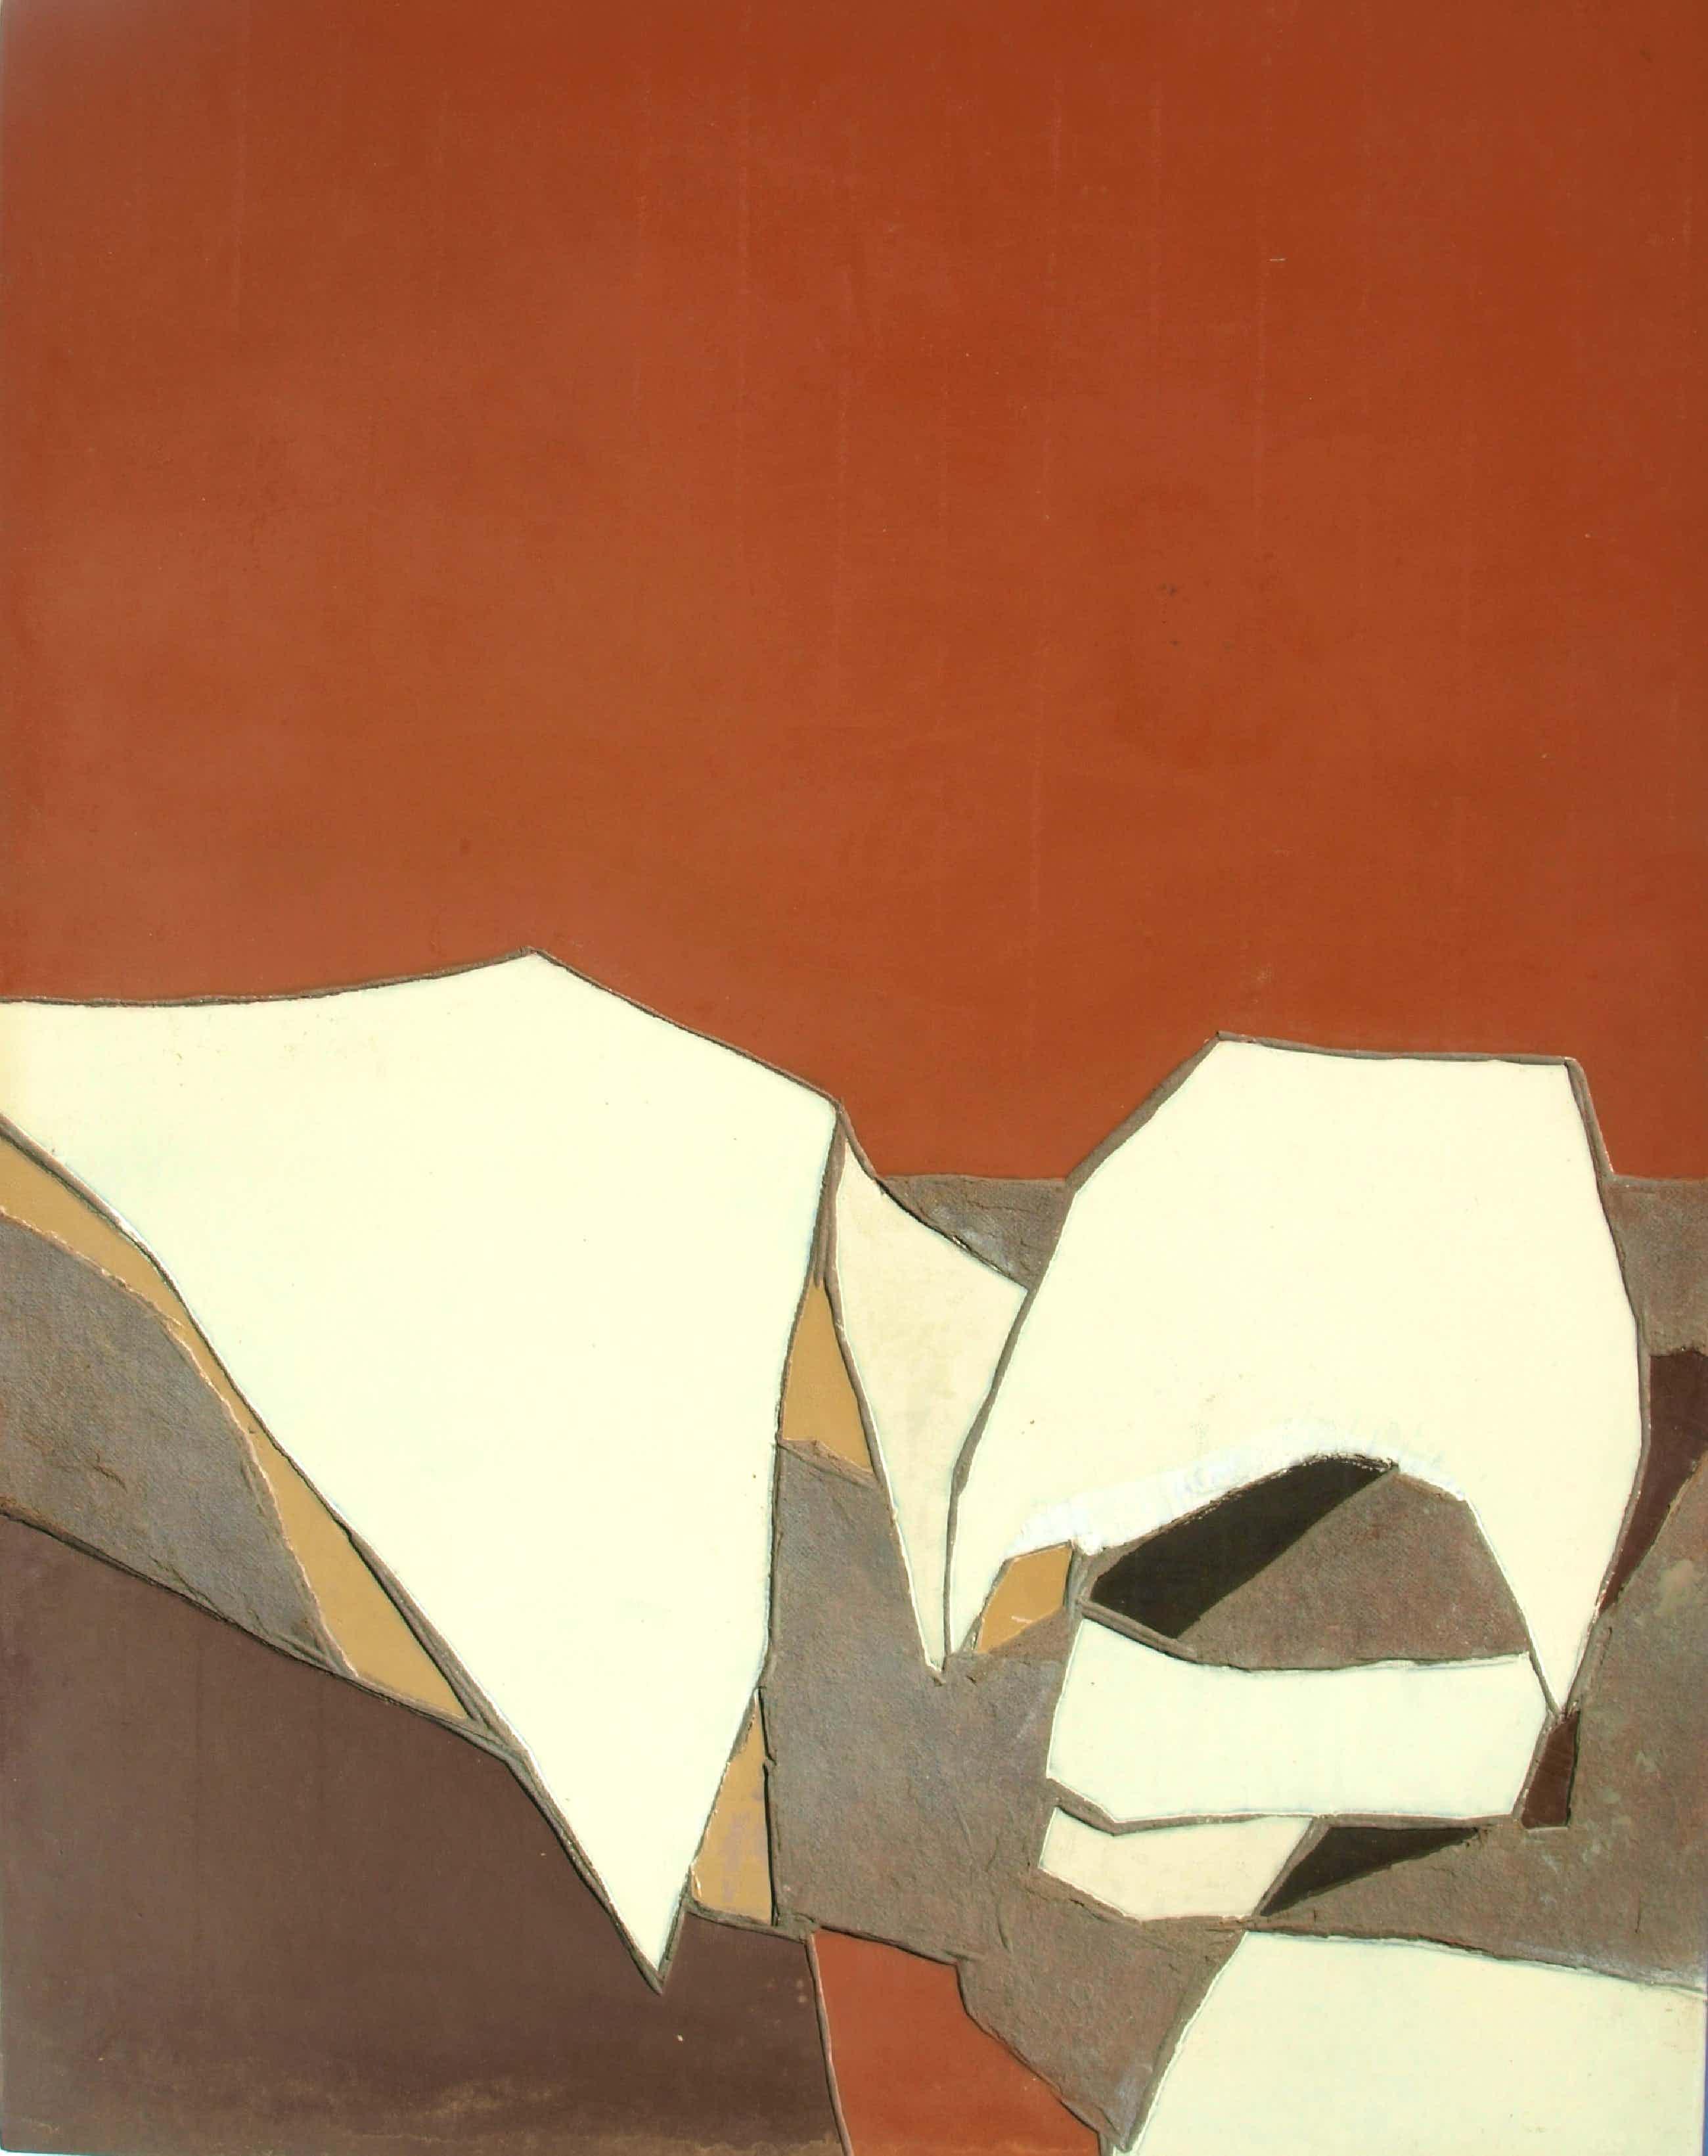 Fon Klement - Gemengde techniek op board (115 x 90 cm), Déploiement ('Inzet') – 1977 kopen? Bied vanaf 300!